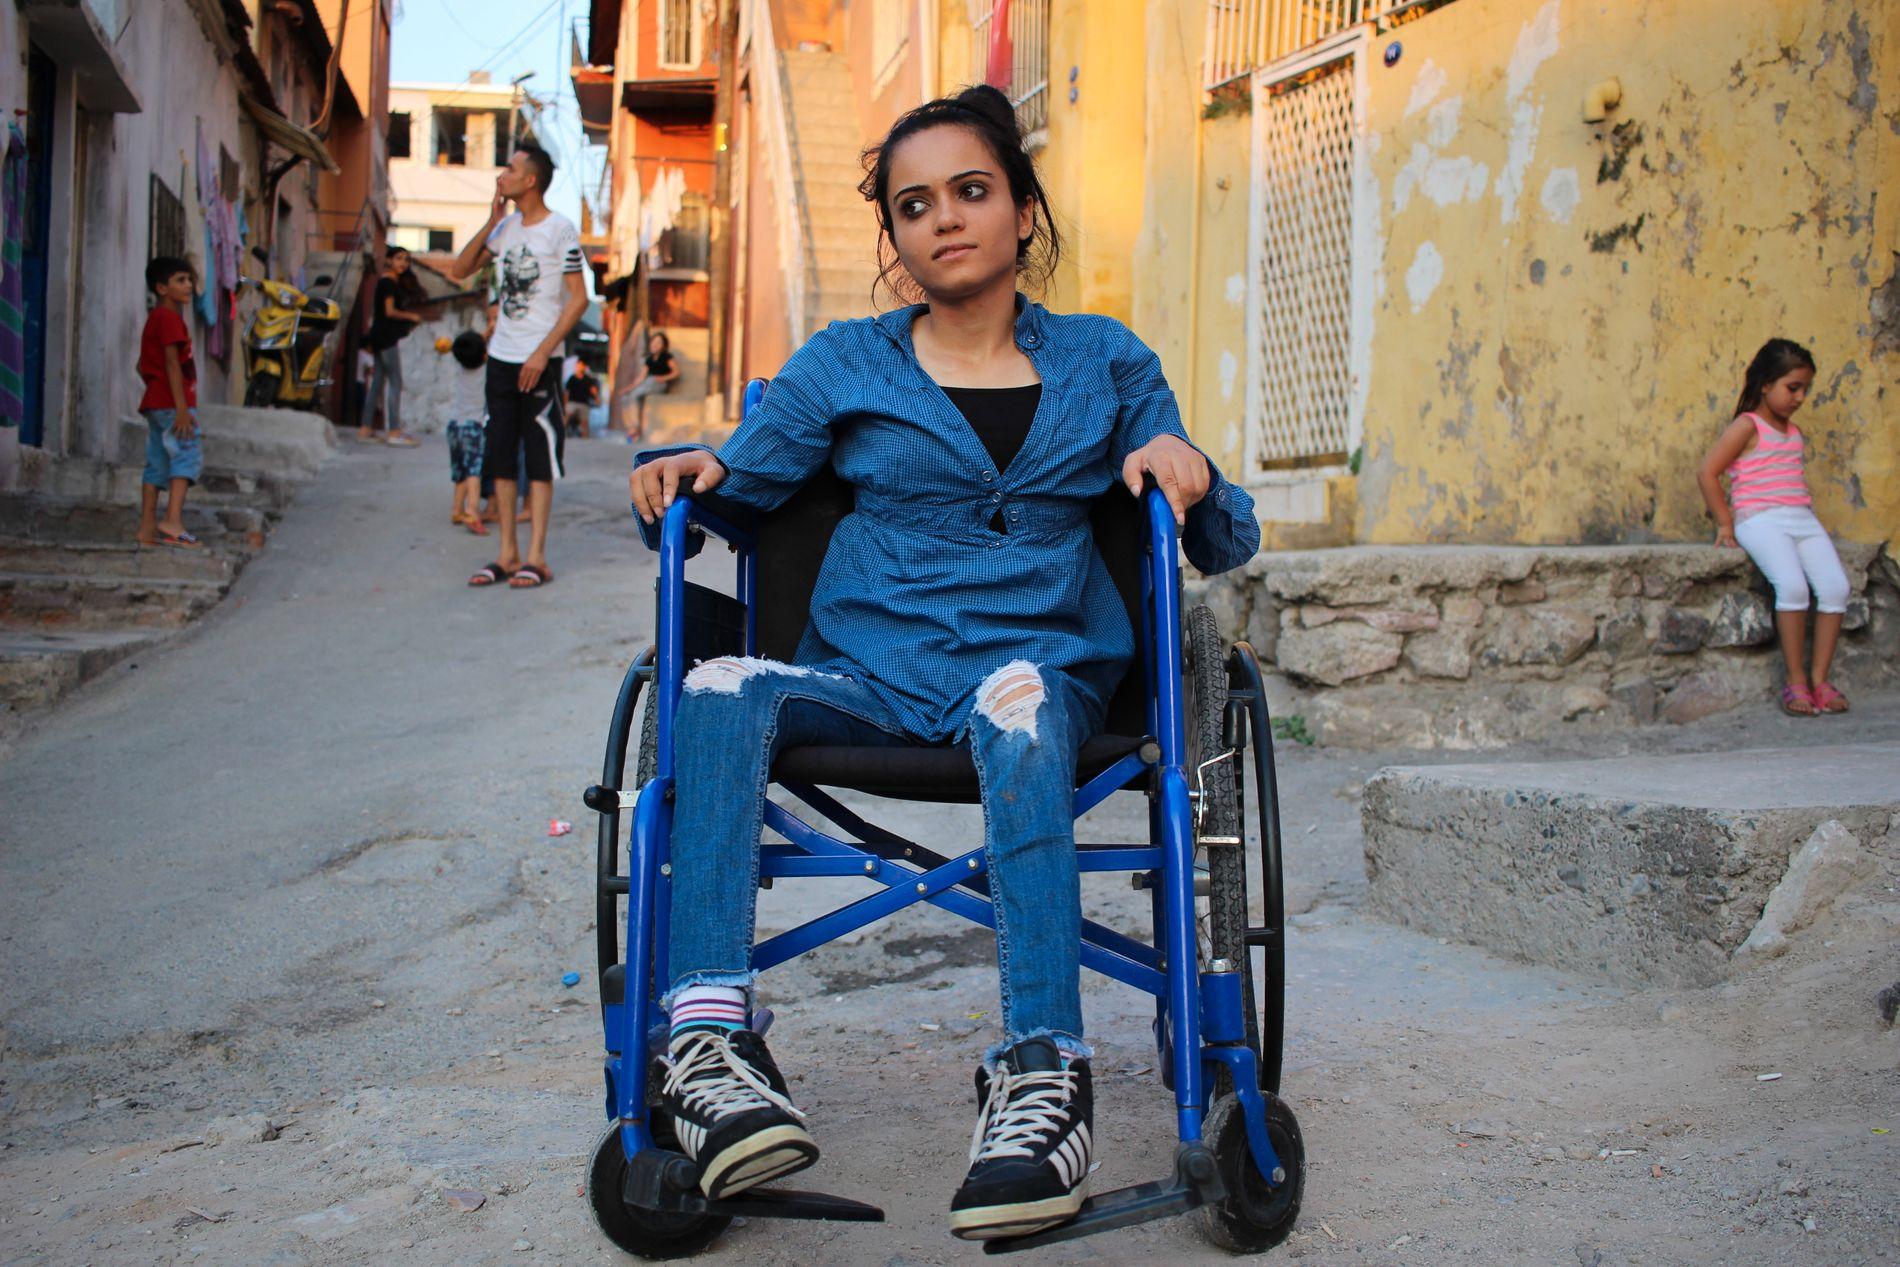 LENGTER VEKK: Noor Oghli har bodd halvannet år i Izmir i Tyrkia, etter tre mislykkede forsøk på å krysse til Hellas. Hun håper fortsatt på å bli overført til et vestlig land og få medisinsk behandling.